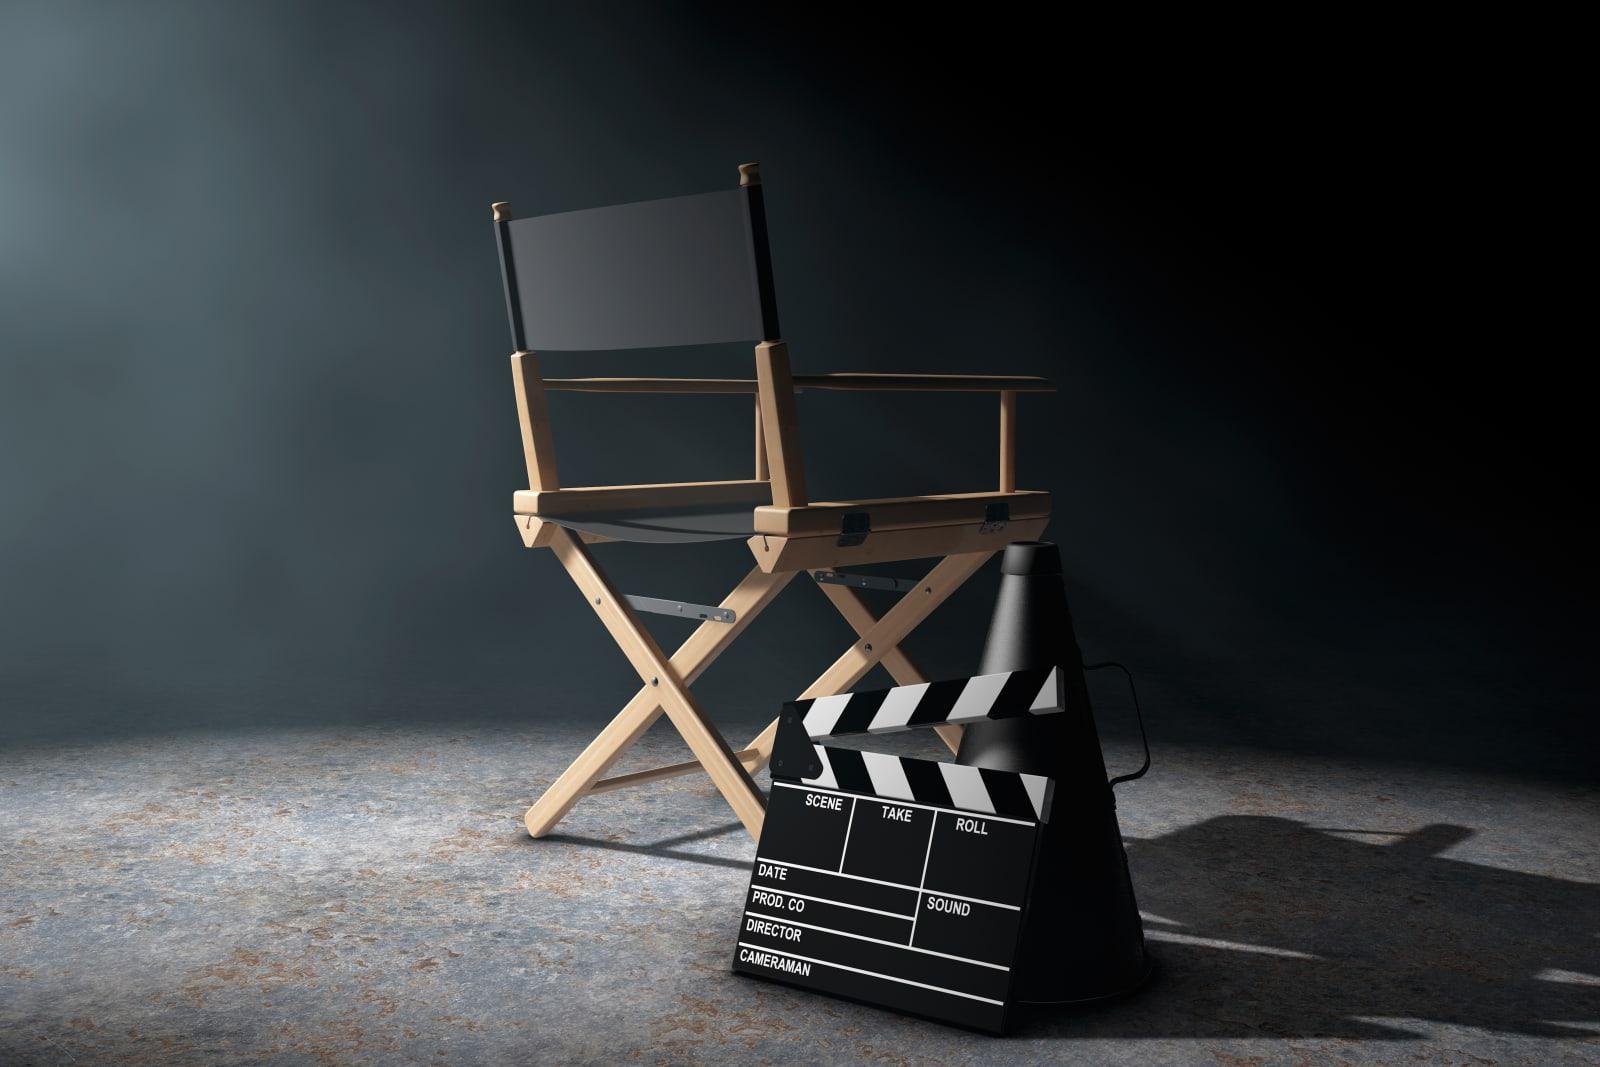 Filmwissenschaften Studieren